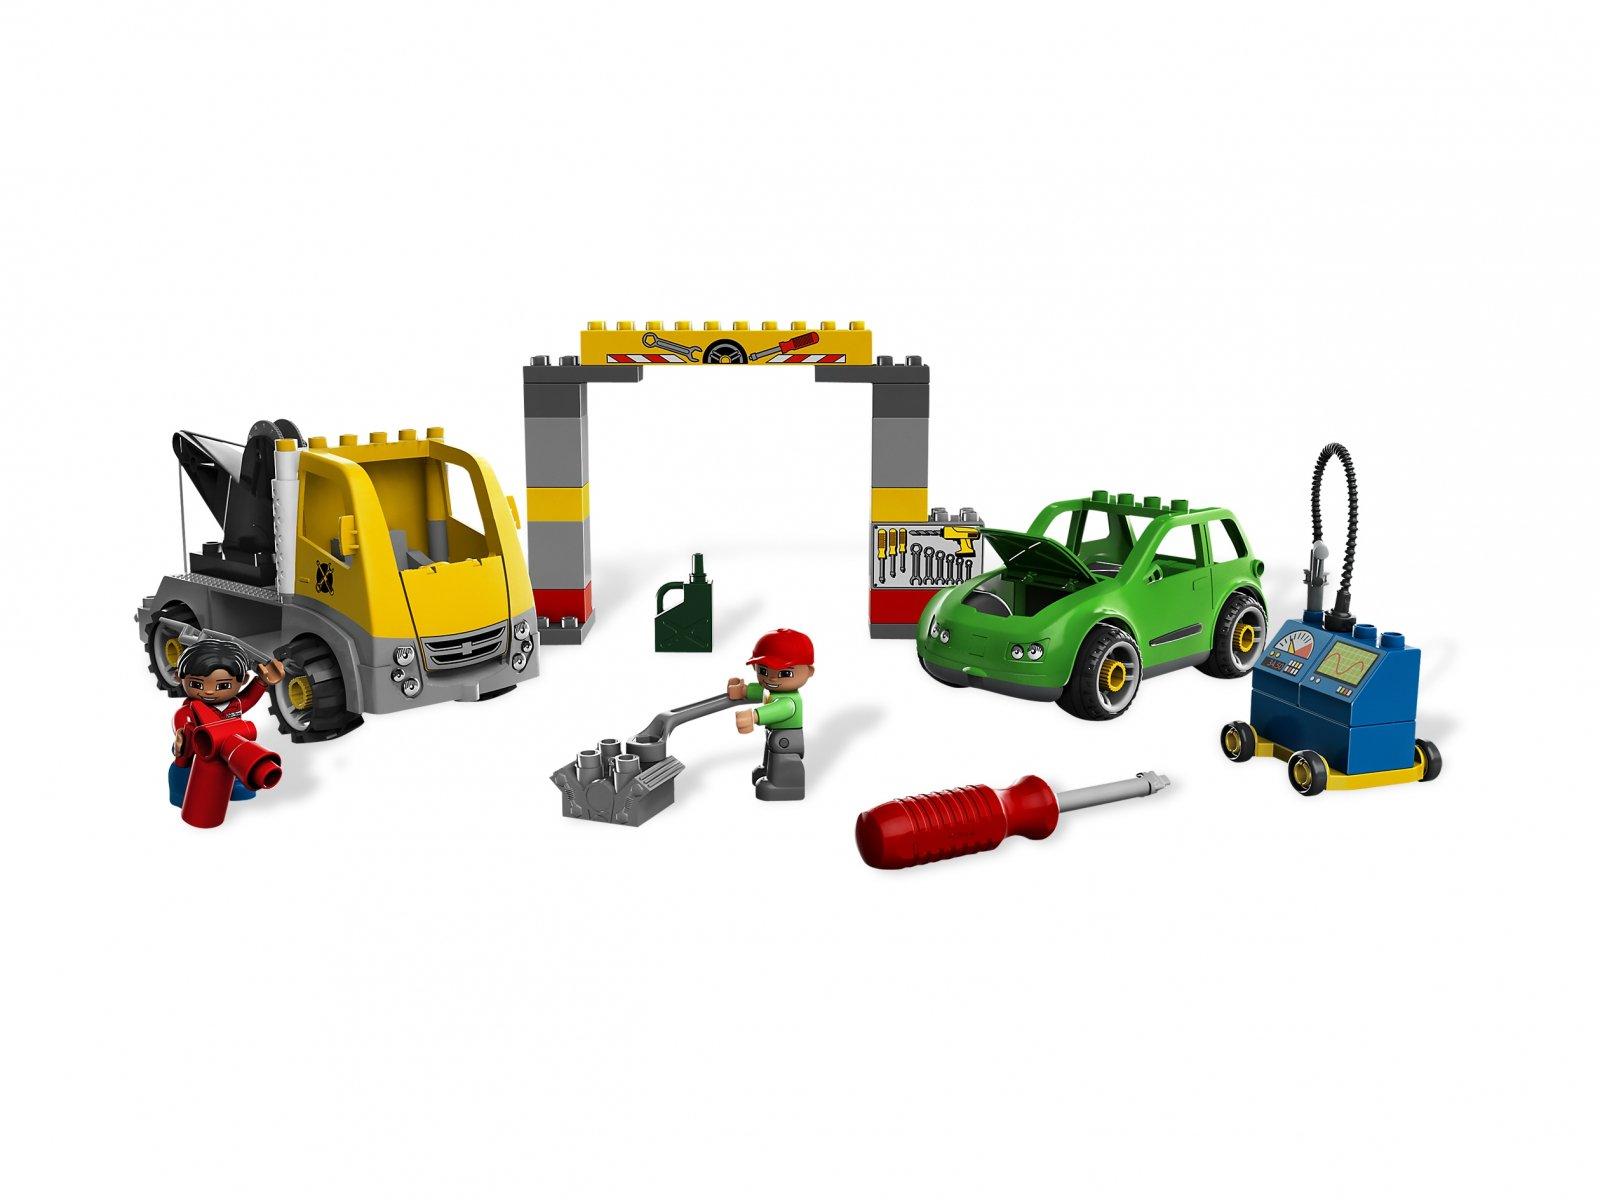 Lego 5641 Duplo Warsztat Samochodowy Zklockówpl